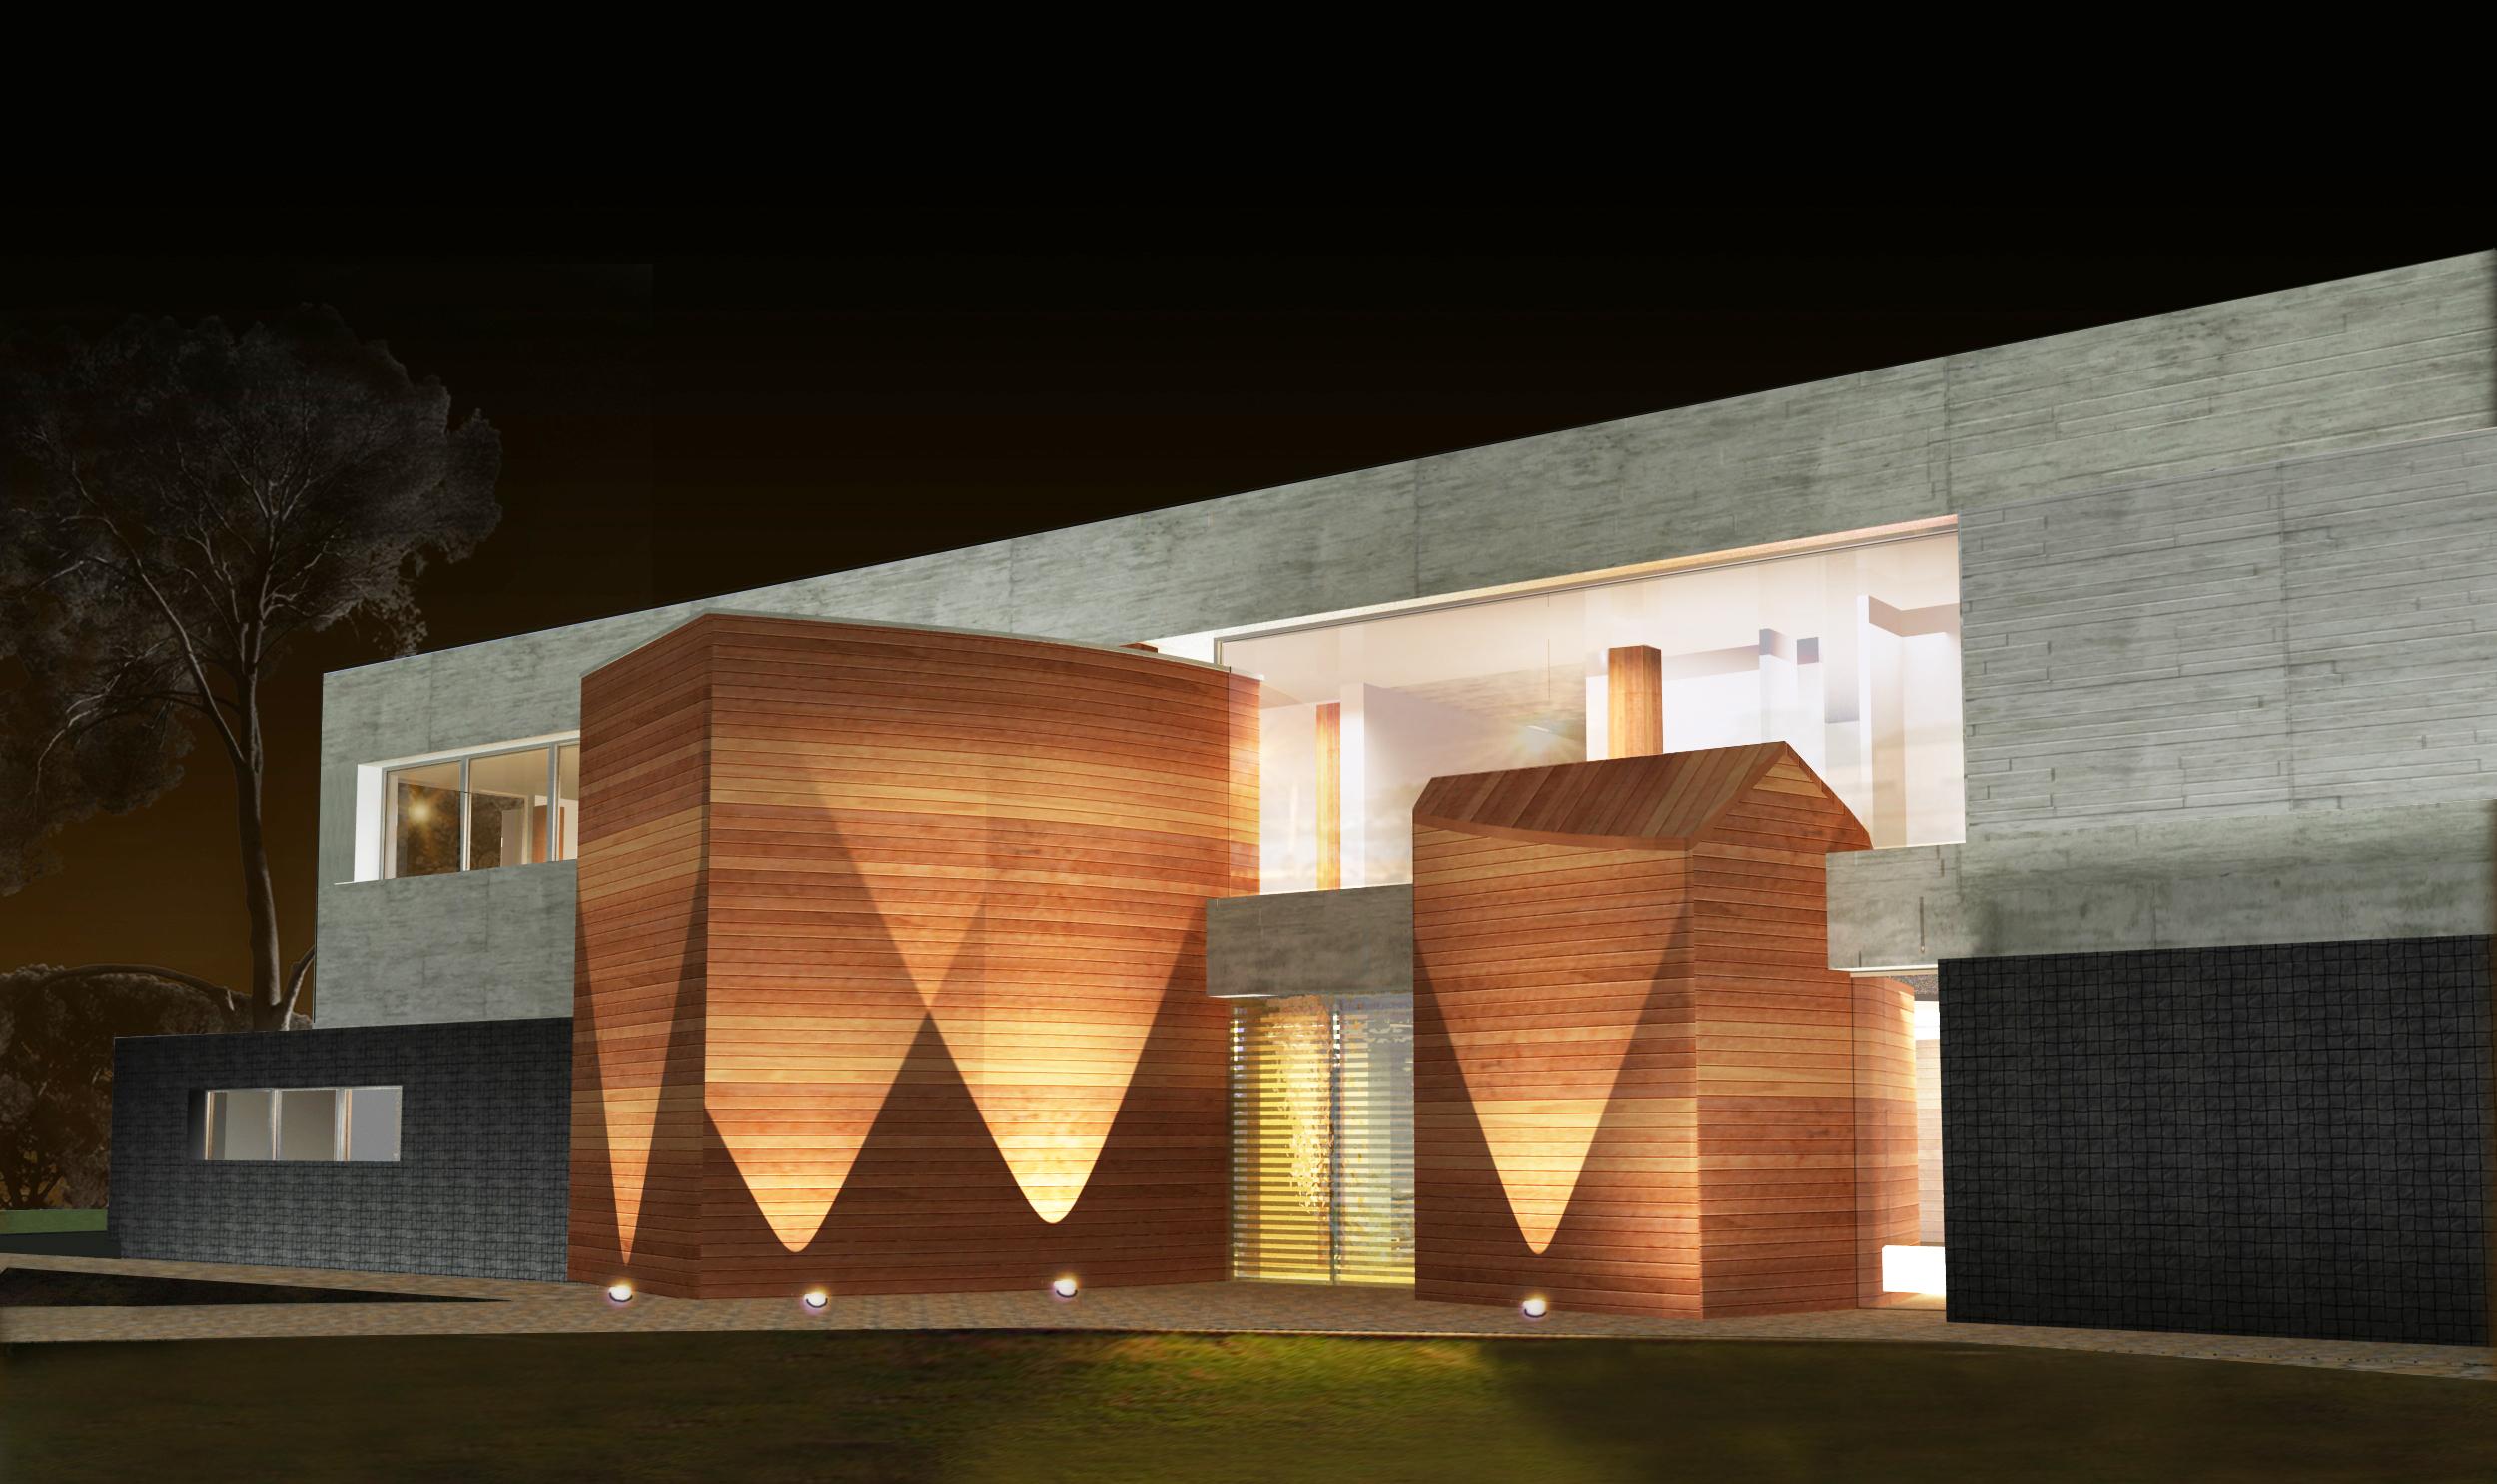 singularq-architecture-lab-arquitectura-unifamiliar